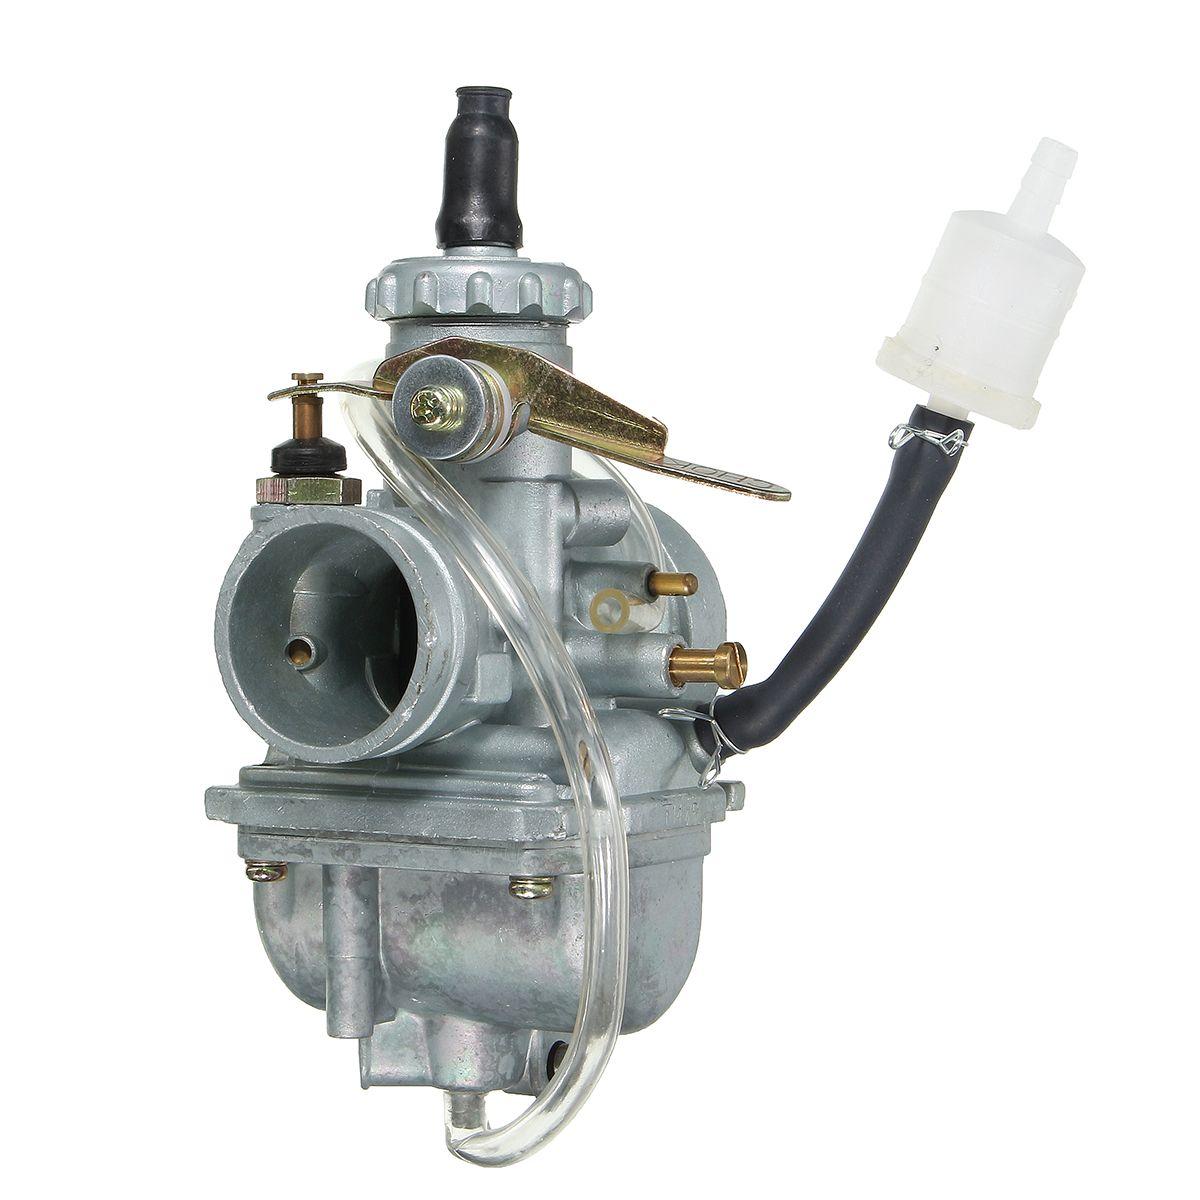 30mm Motorcycle Carburetor Intake With Air Filter For Suzuki Gs125 Gs250 Gs300 Motorcycle Air Filter Suzuki